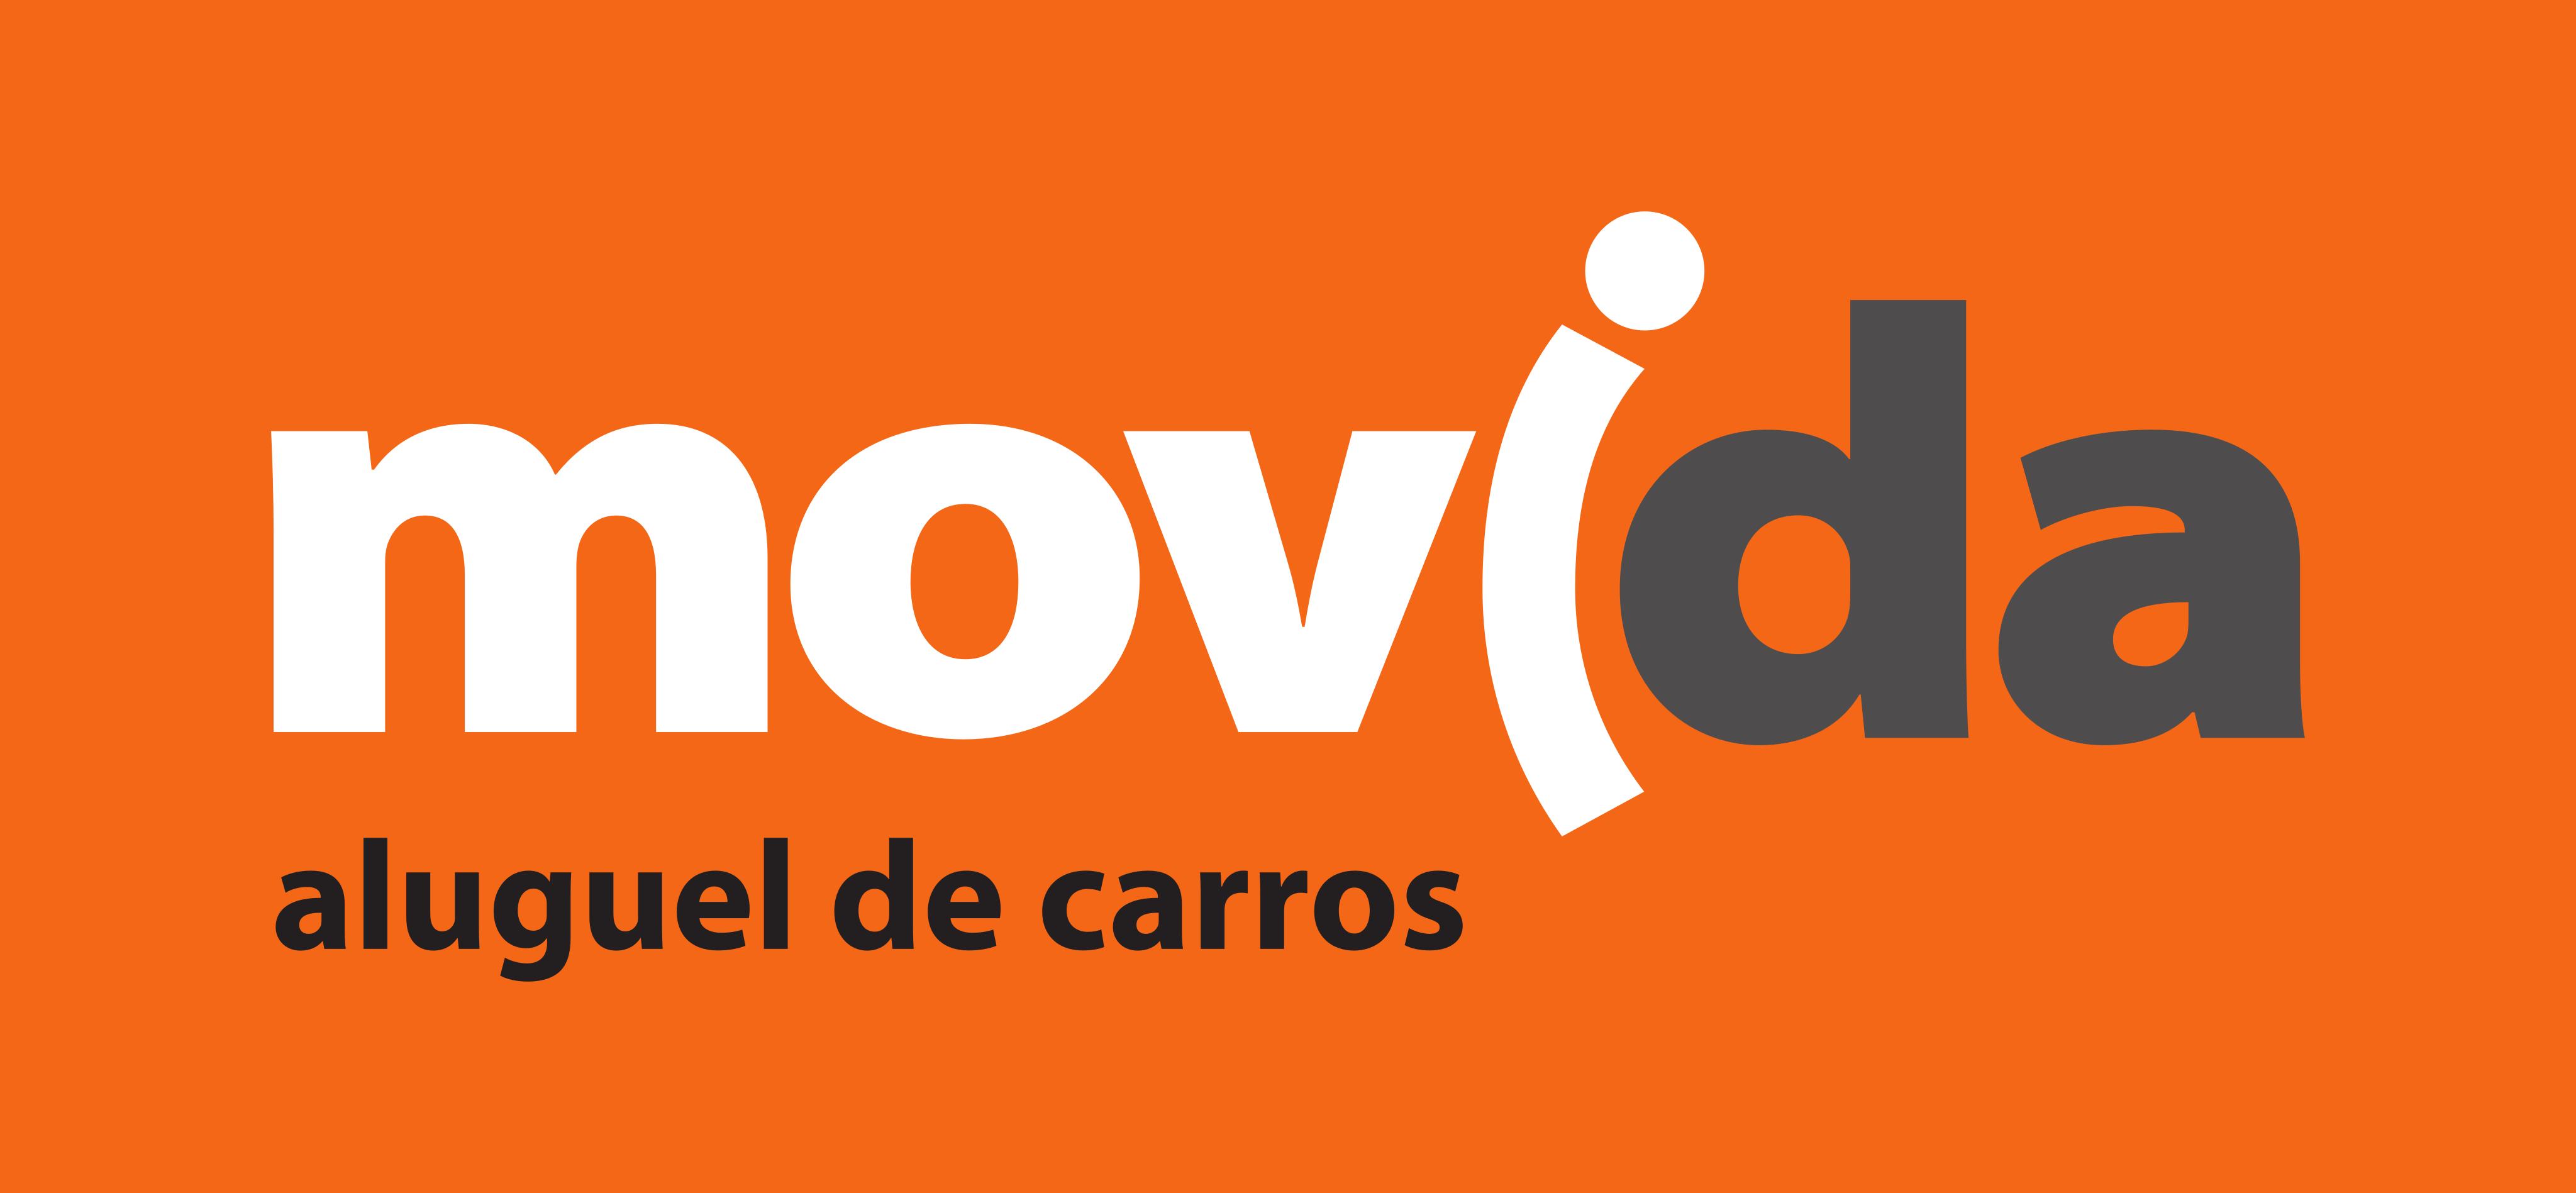 MOVI3 (ações da Movida): devo investir na medalha de bronze?